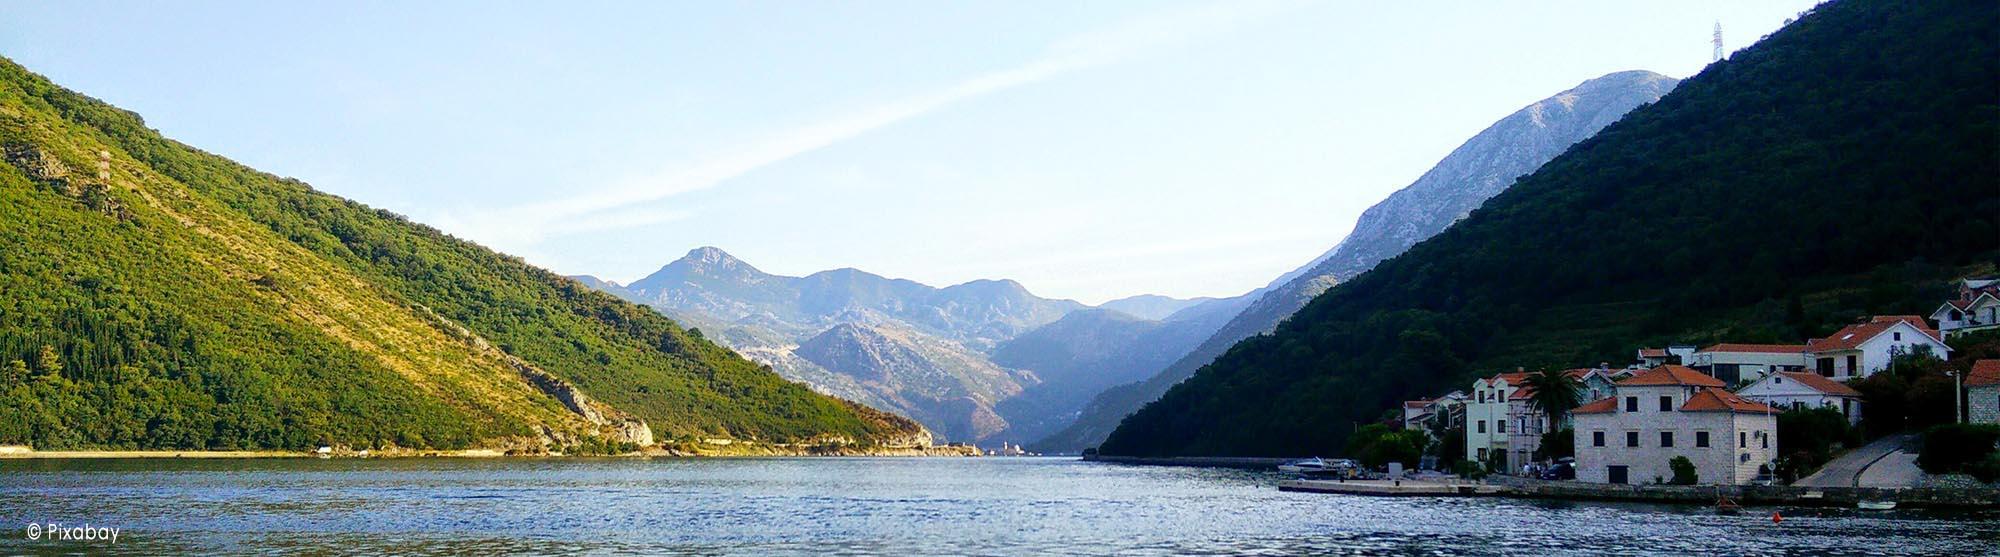 vacances au montenegro UNE CROISIÈRE EN VOILIER TOUT COMPRIS AU MONTÉNÉGRO